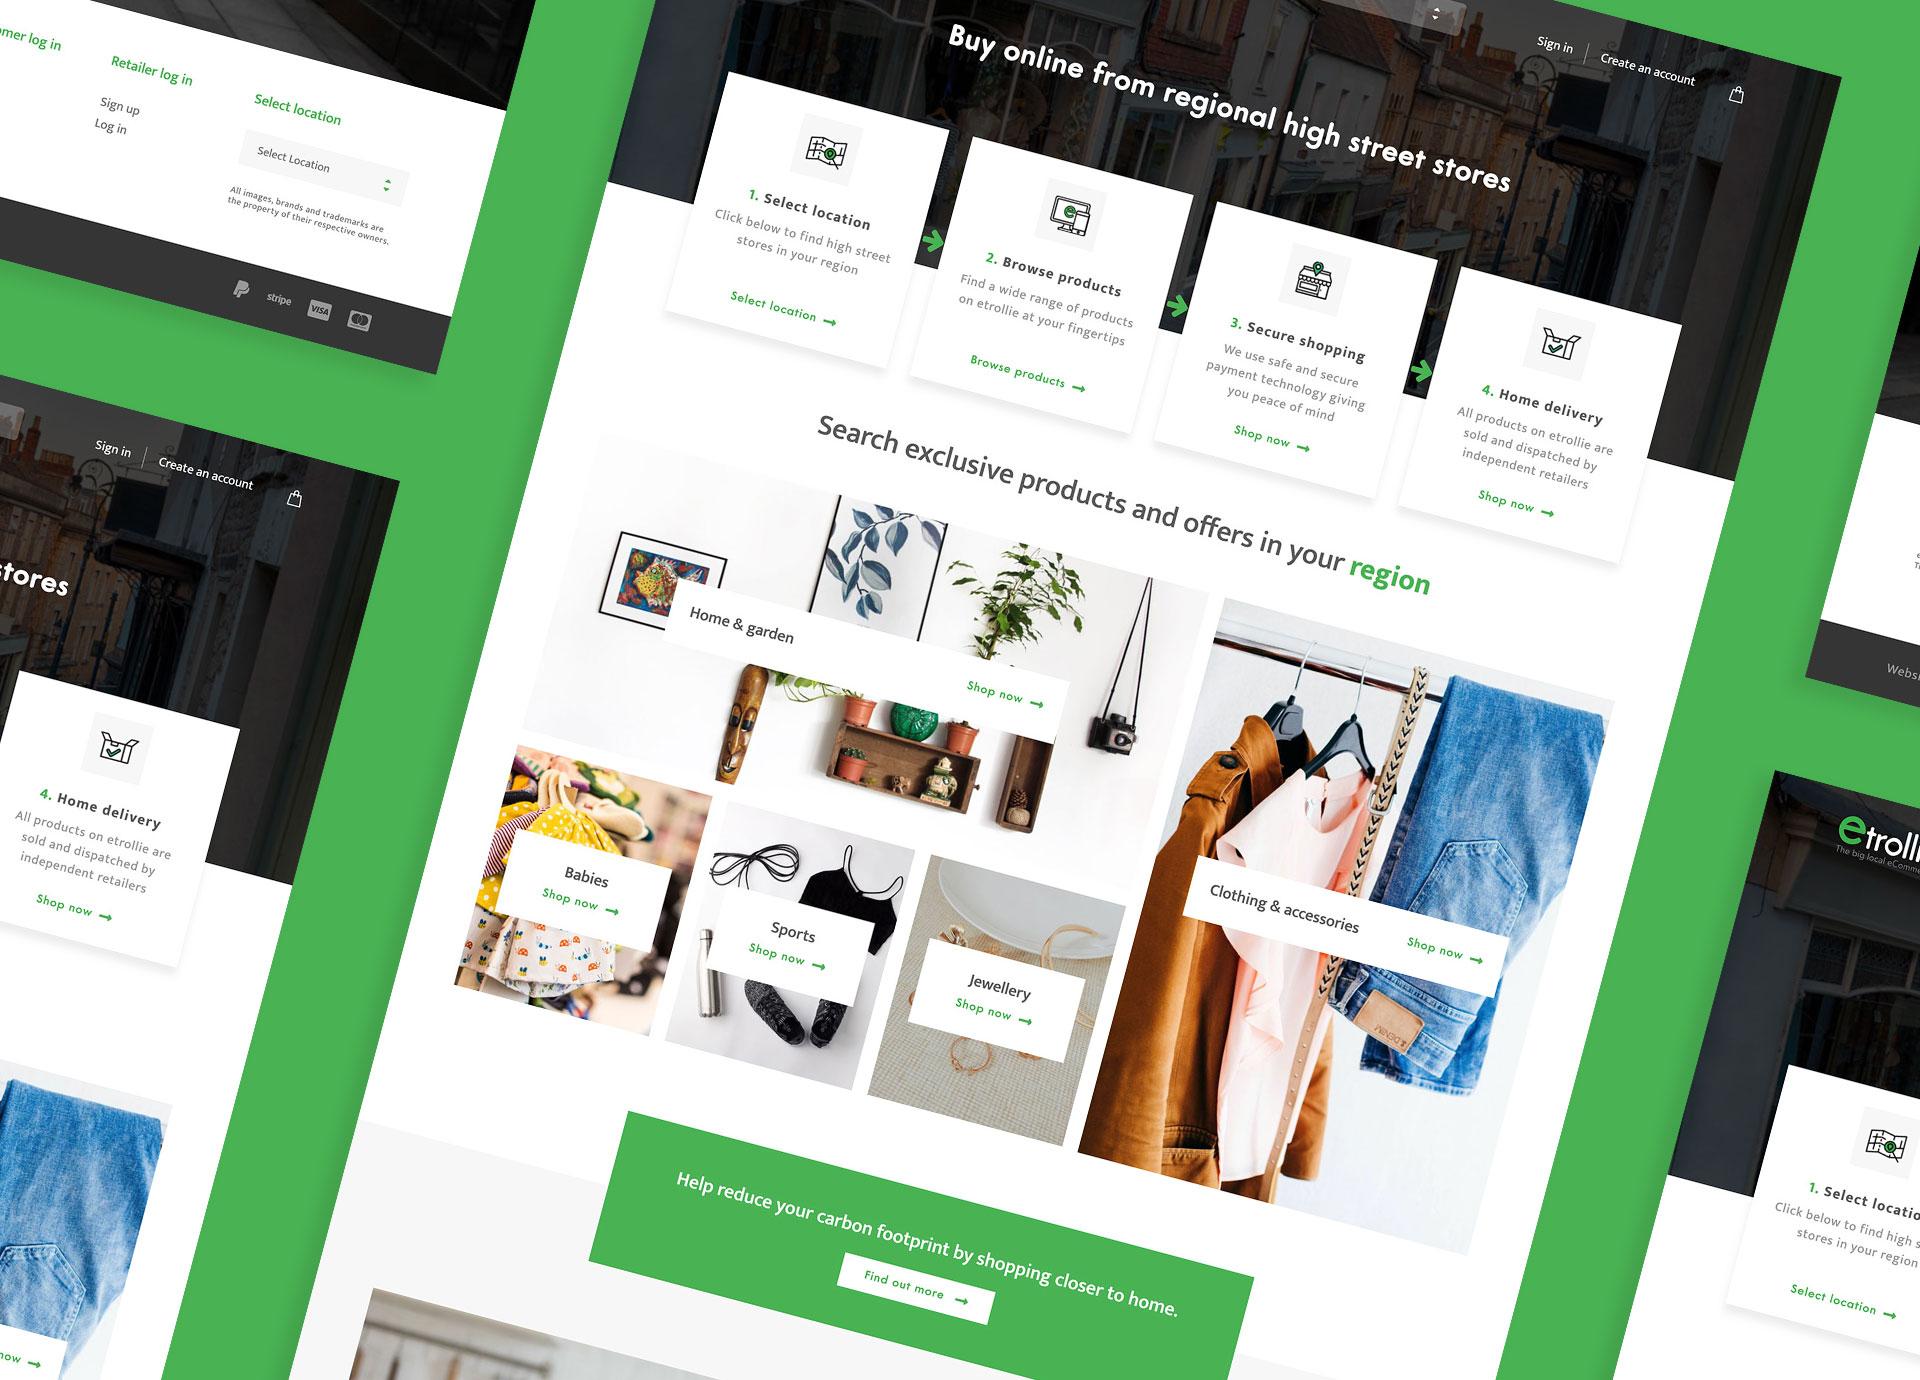 eTrollie's website design